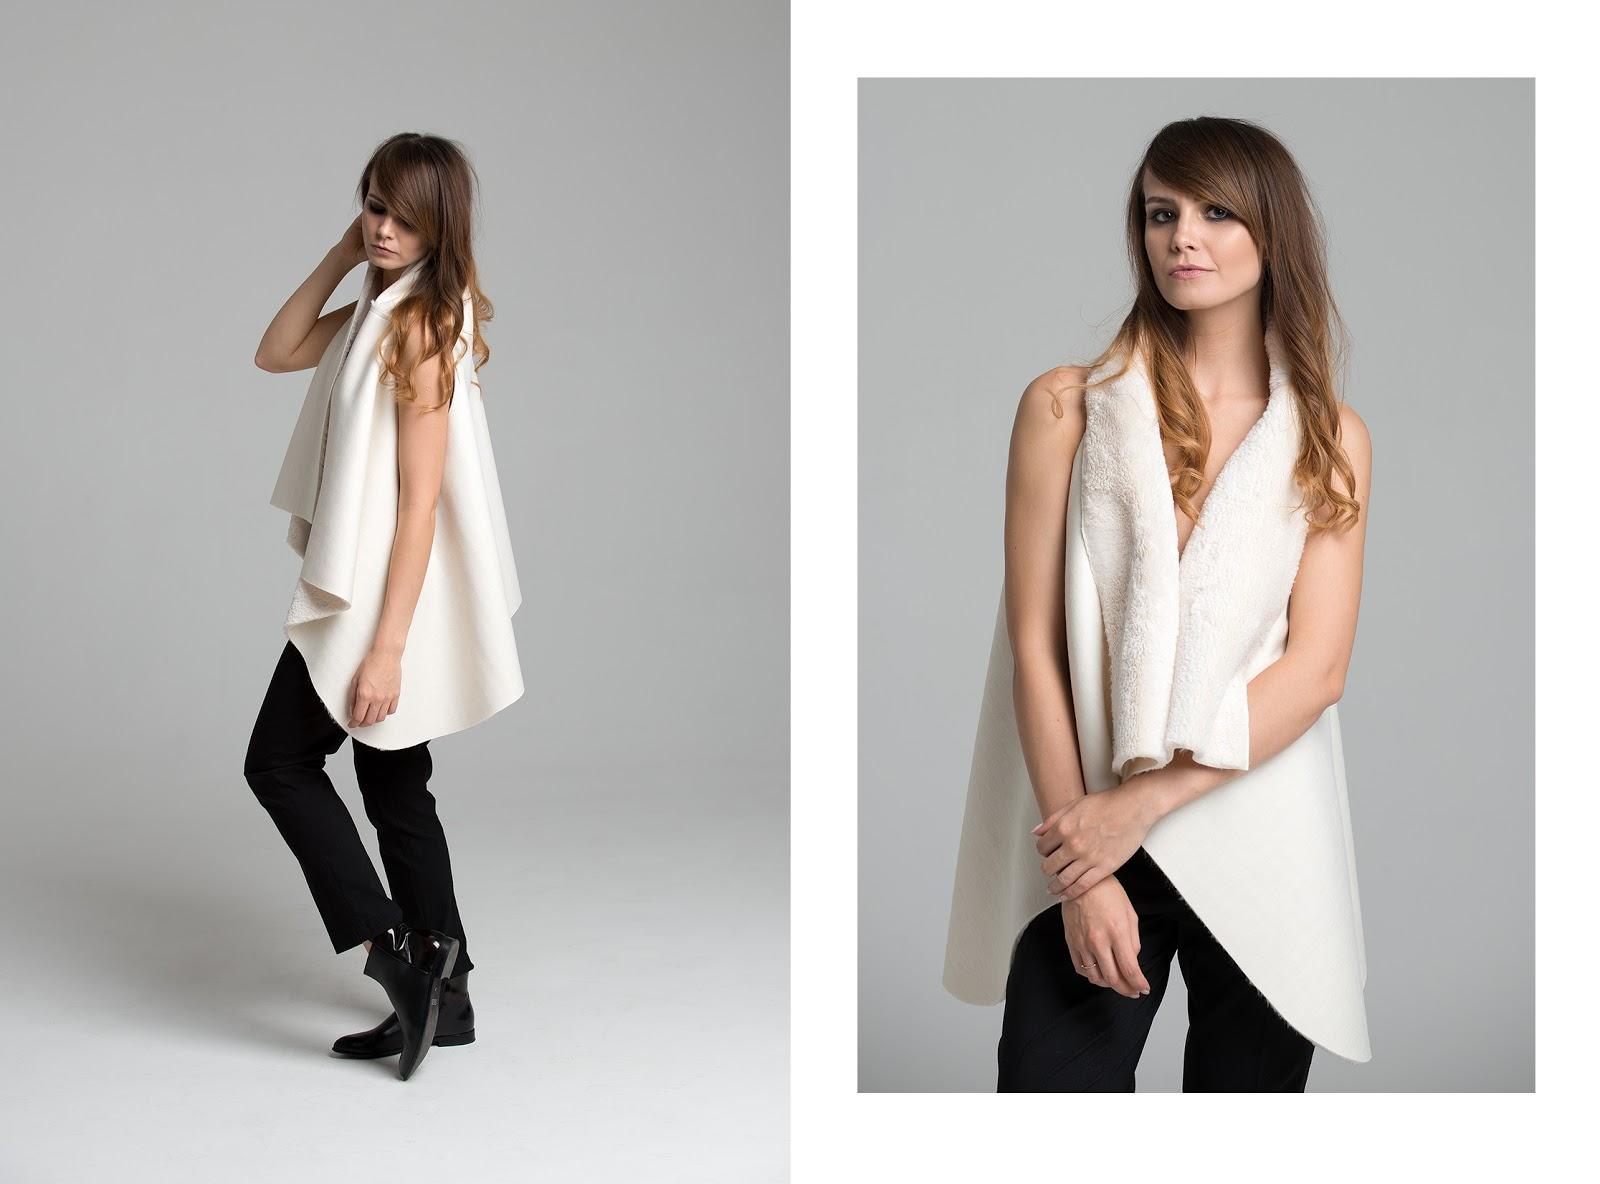 moda | ubrania | stylizacja | sesja